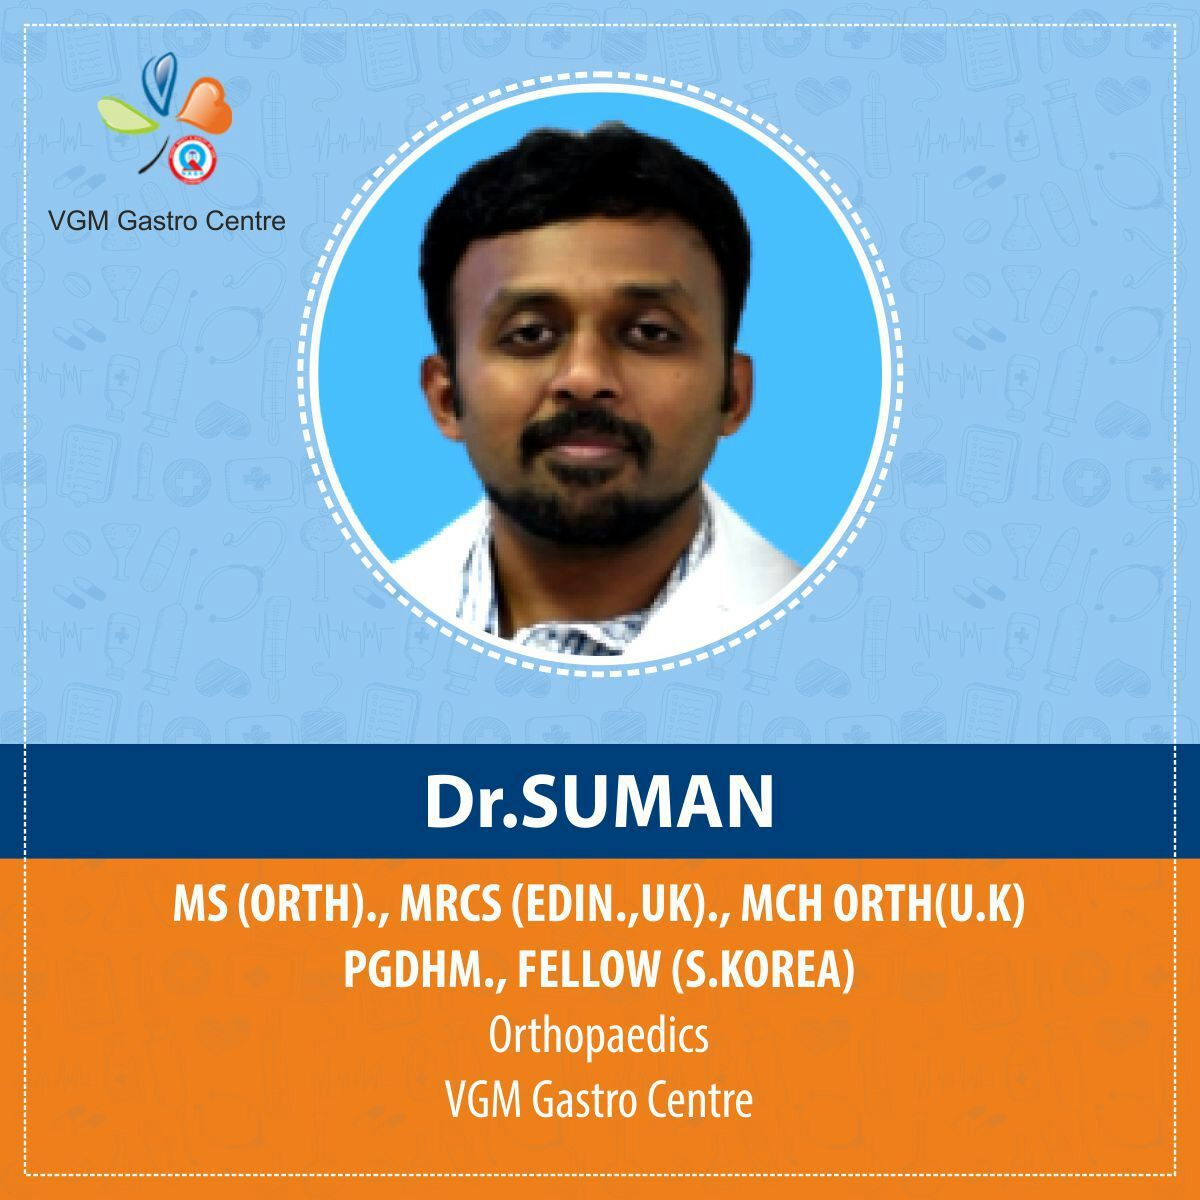 Dr Suman - MS(Ortho) ,MRCS(EDIN ,UK) ,MCH ORTHO(UK) , PGDHM